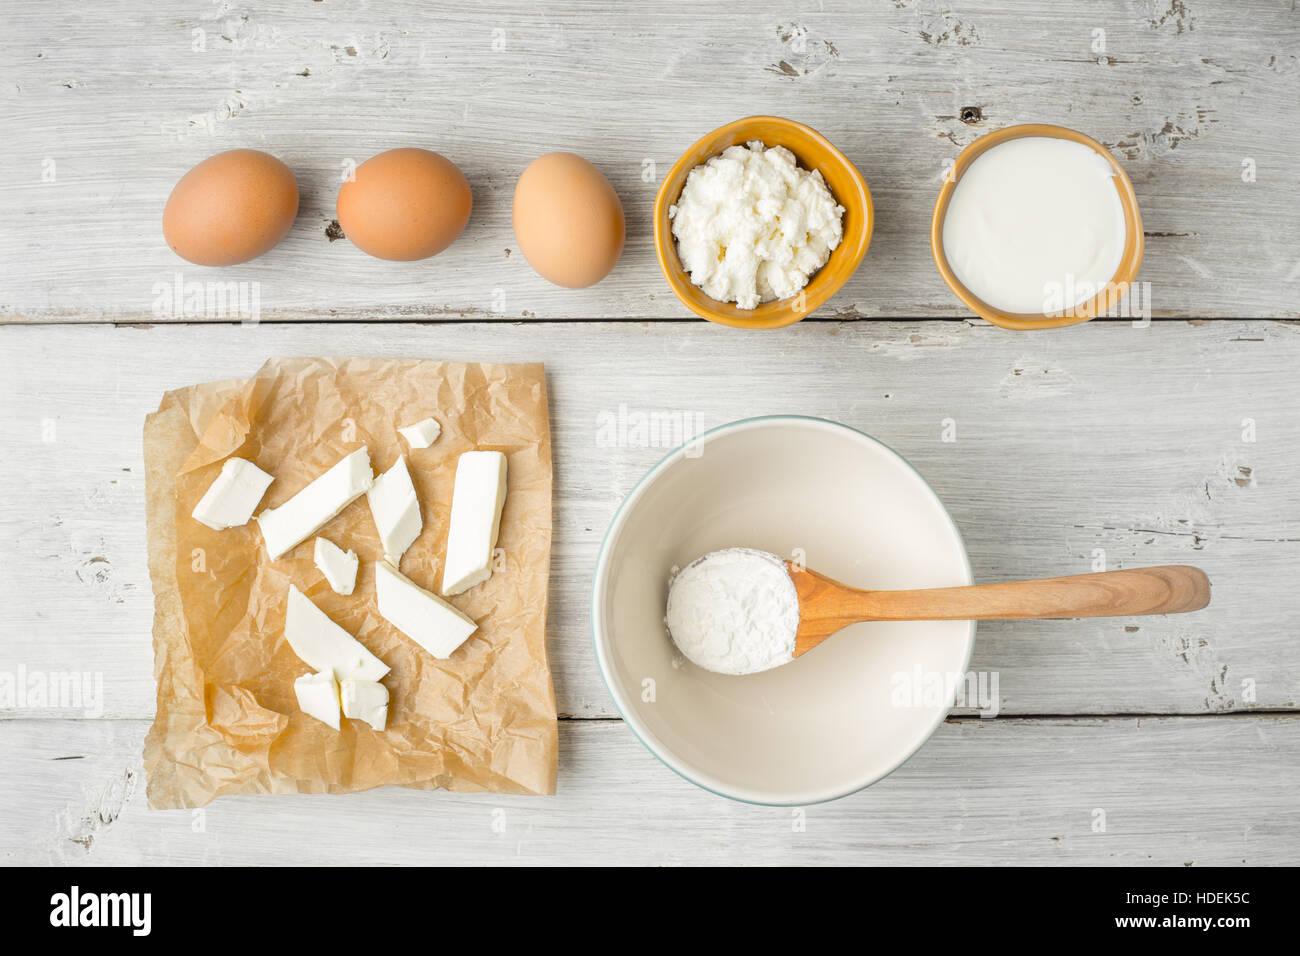 Verschiedene Frischkäse mit Joghurt und Eiern auf der weißen hölzernen Tischplatte-Ansicht Stockbild